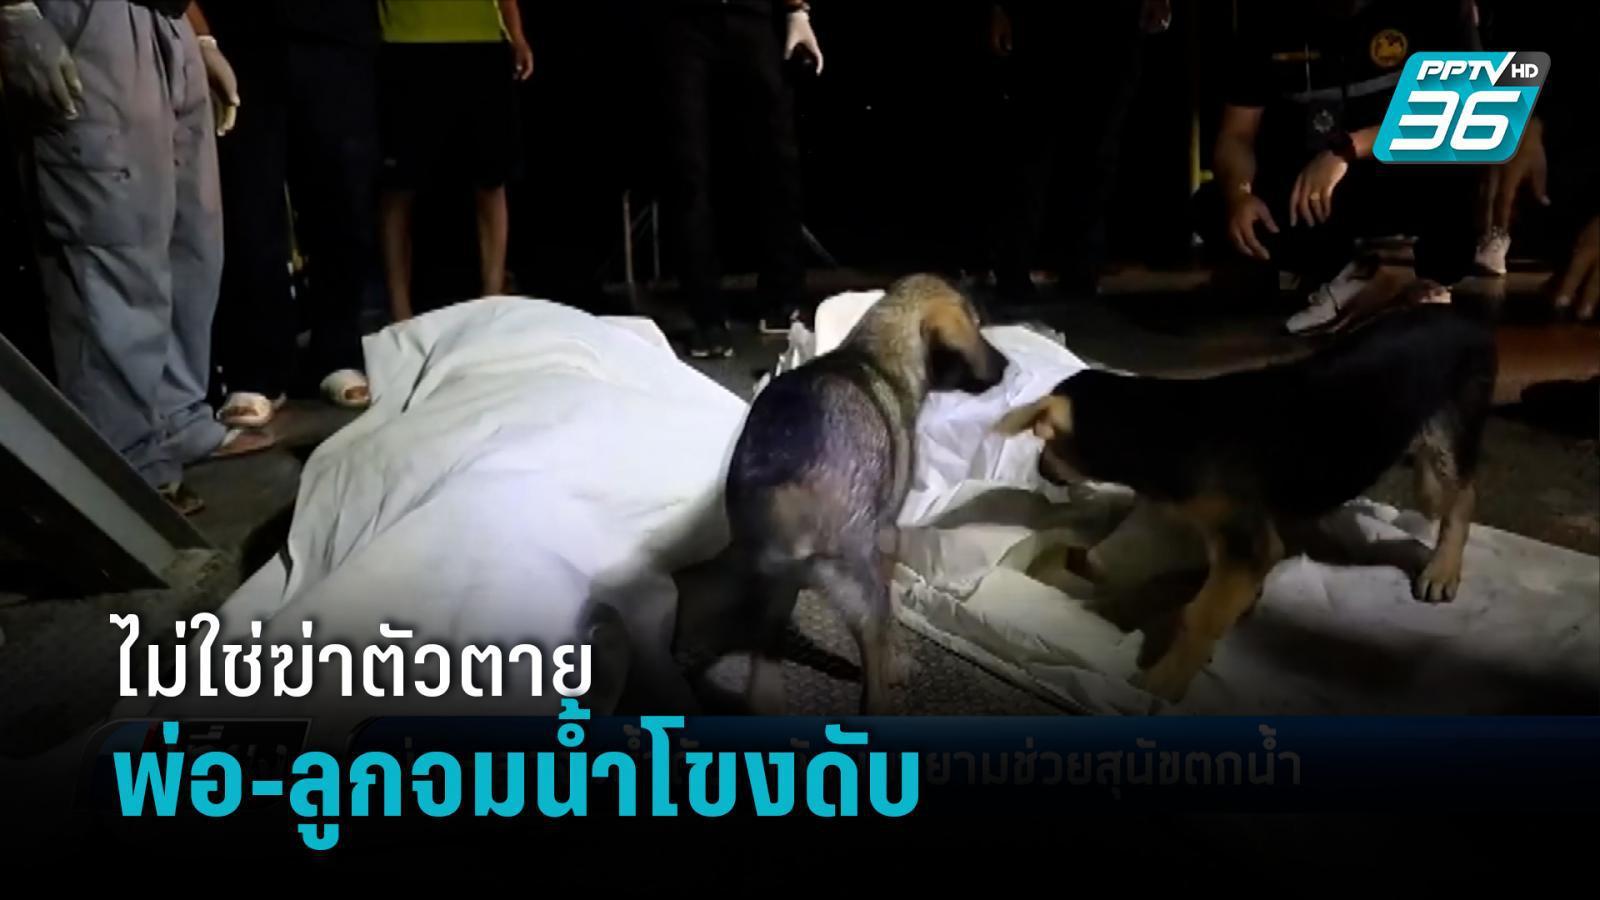 พ่อ-ลูกจมน้ำโขงดับคู่ ตร.เชื่อไม่ใช่ฆ่าตัวตาย คาดพยายามช่วยสุนัขตกน้ำ